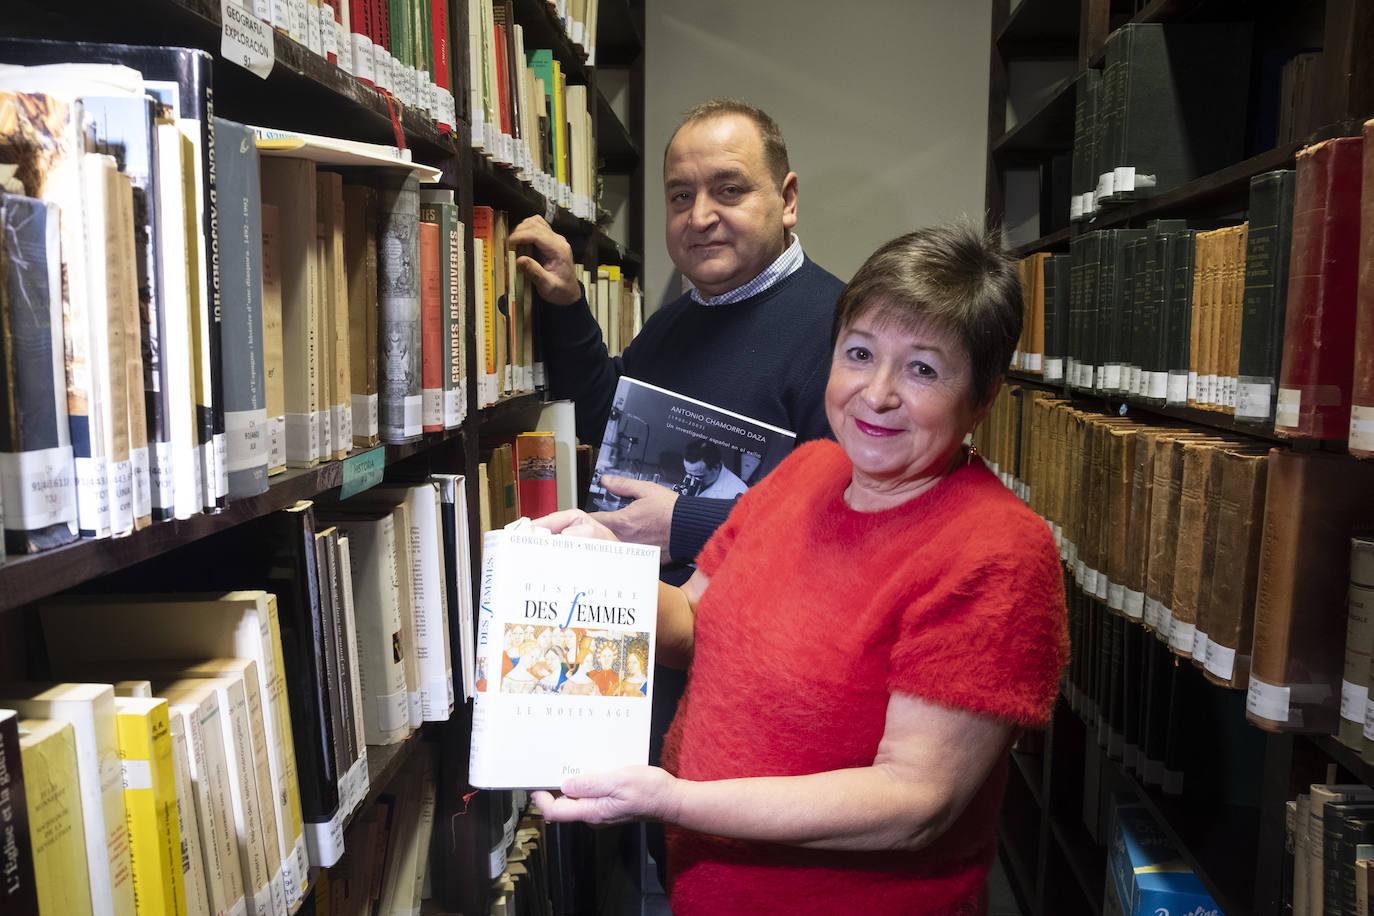 Enriqueta Barranco y el director del documental, Jorge Rodríguez Puche, en el despacho de la cátedra de investigación Alejandro Otero-Antonio Chamorro